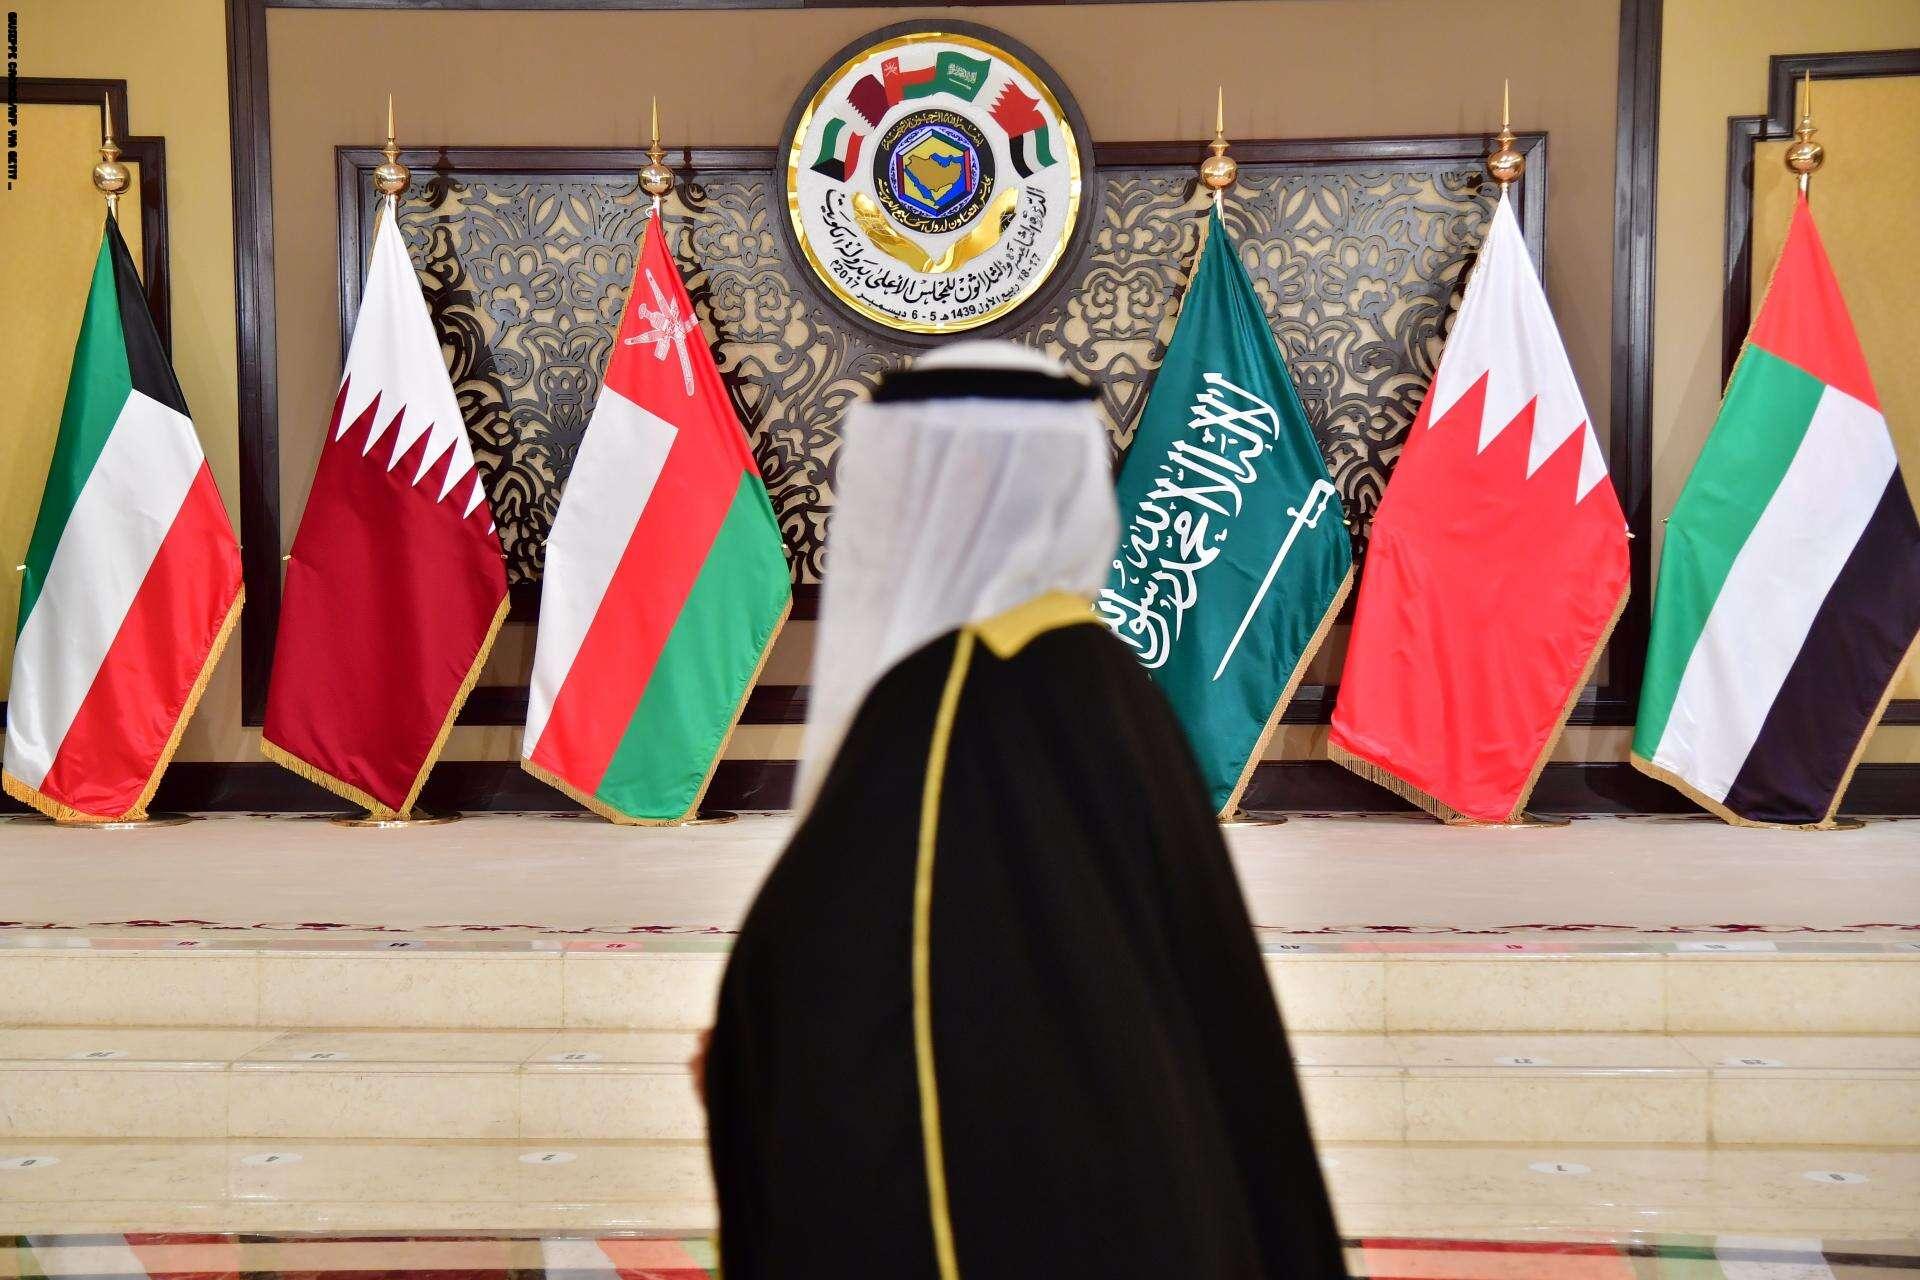 هذه هي الشروط الخليجية لاقفال الازمة الناتجة عن كلام وهبه